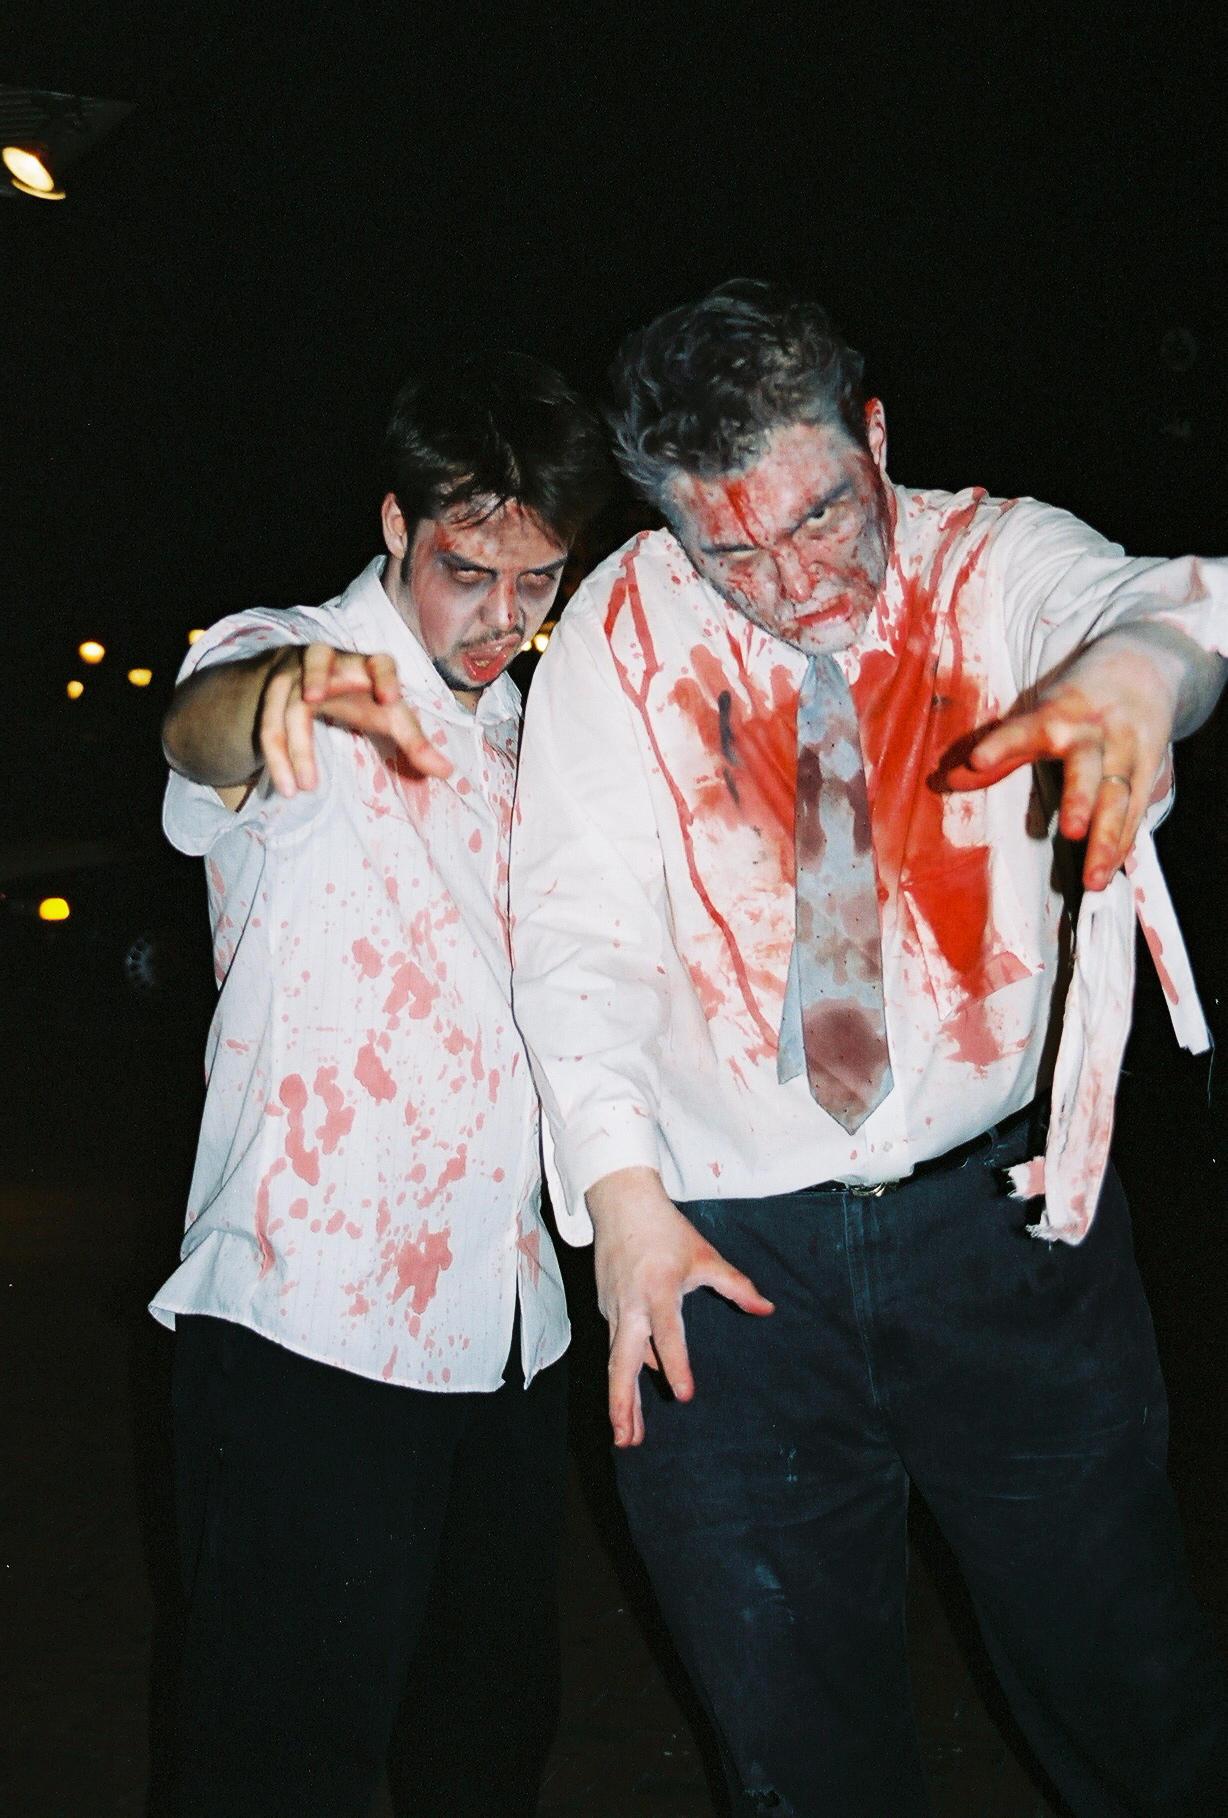 Dead of Summer by zombiesareforlovers